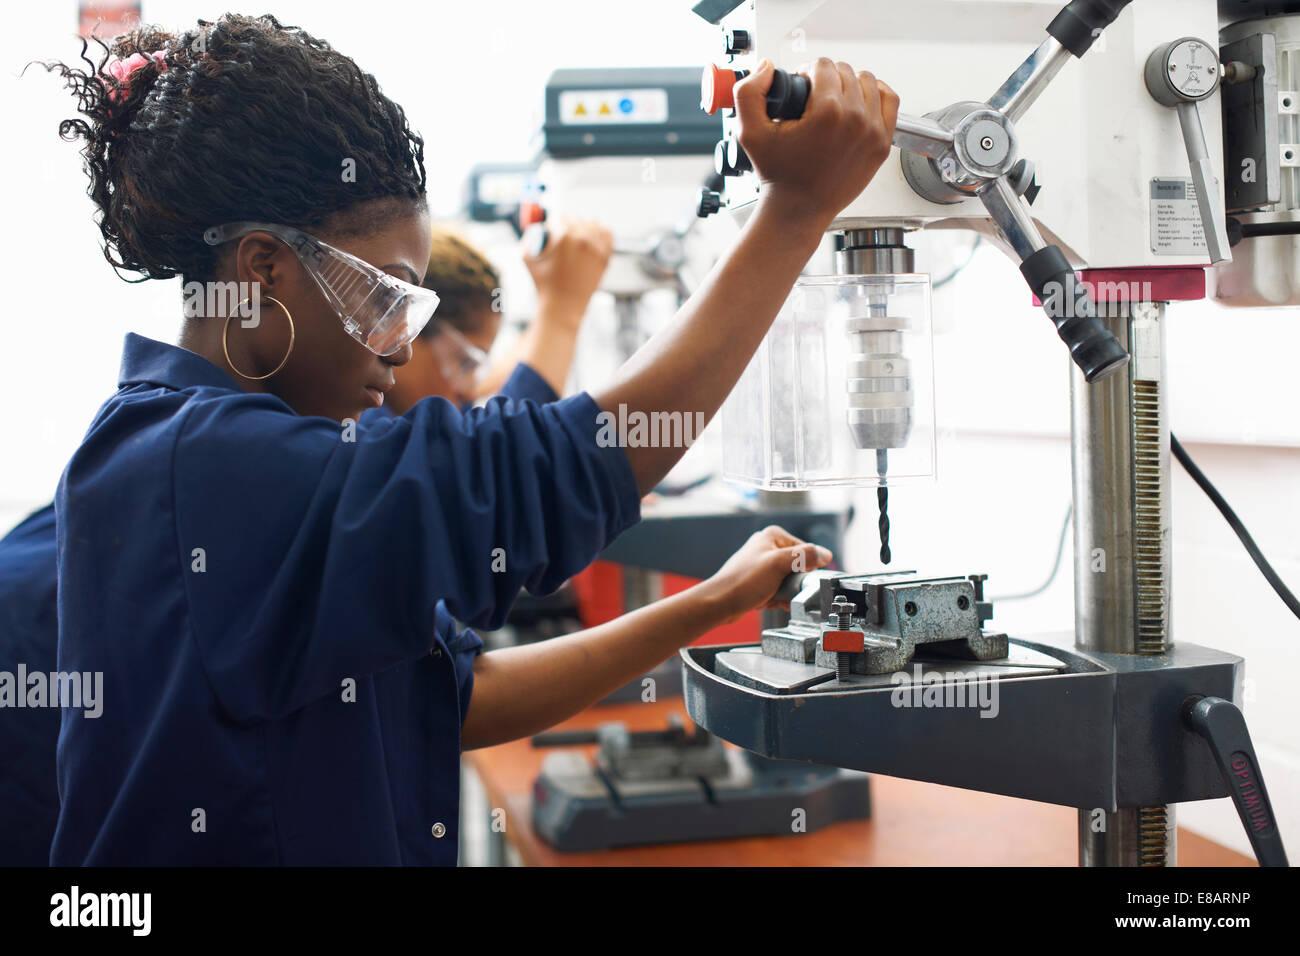 Los estudiantes utilizando los taladros en la escuela taller Foto de stock